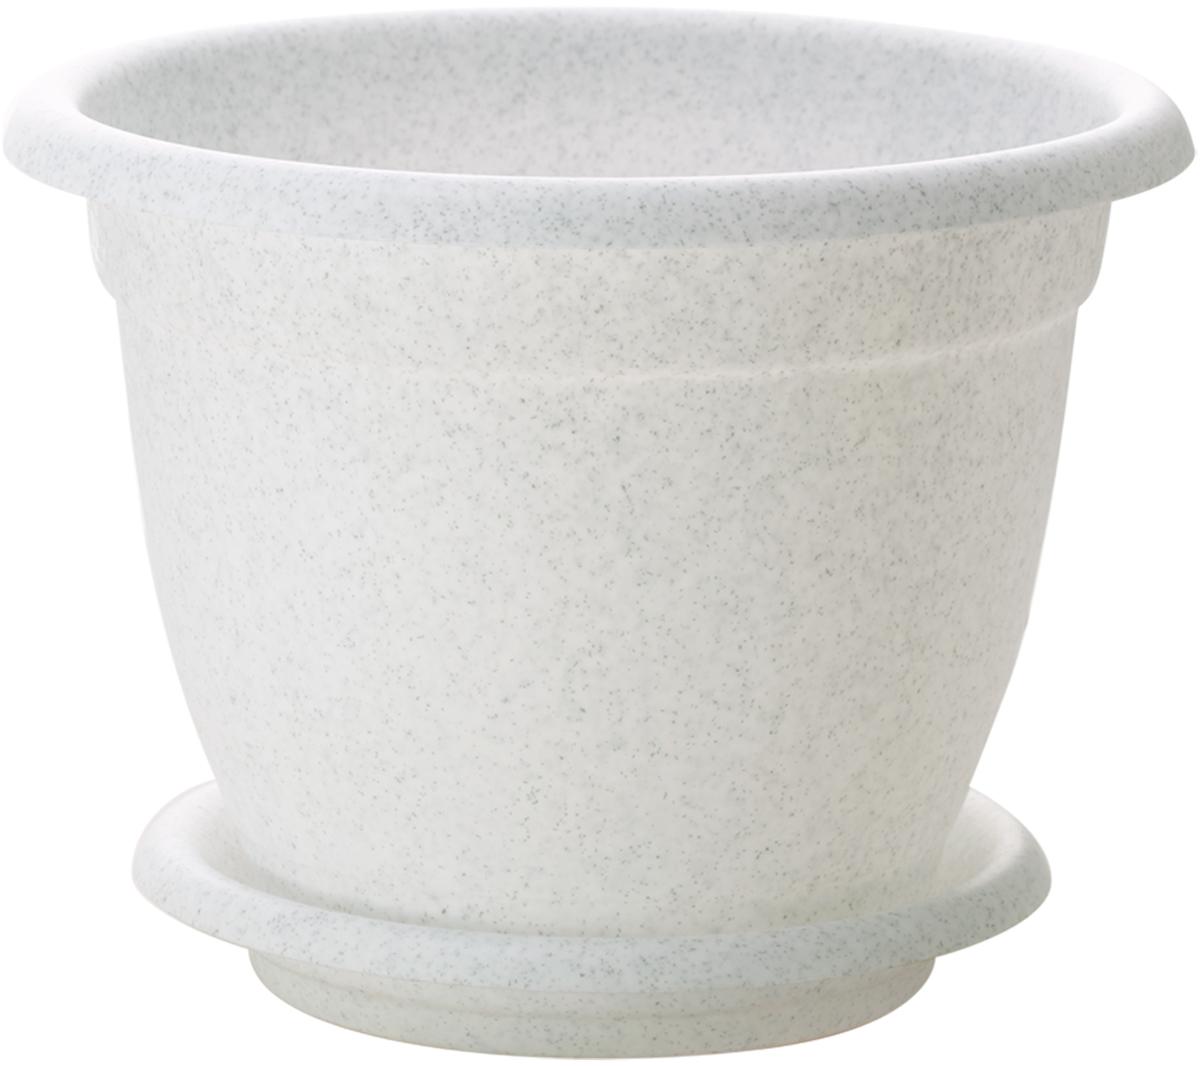 Горшок для цветов InGreen Борнео, с поддоном, цвет: мраморный, диаметр 21 смING42021FМРЦветочный горшок InGreen Борнео, выполненный из полипропилена, предназначен для выращивания в нем цветов, растений и трав.Такой горшок порадует вас современным дизайном и функциональностью, а также оригинально украсит интерьер помещения. К горшку прилагается круглый поддон.Диаметр горшка (по верхнему краю): 21 см.Высота горшка: 16,5 см.Диаметр поддона: 16,5 см.